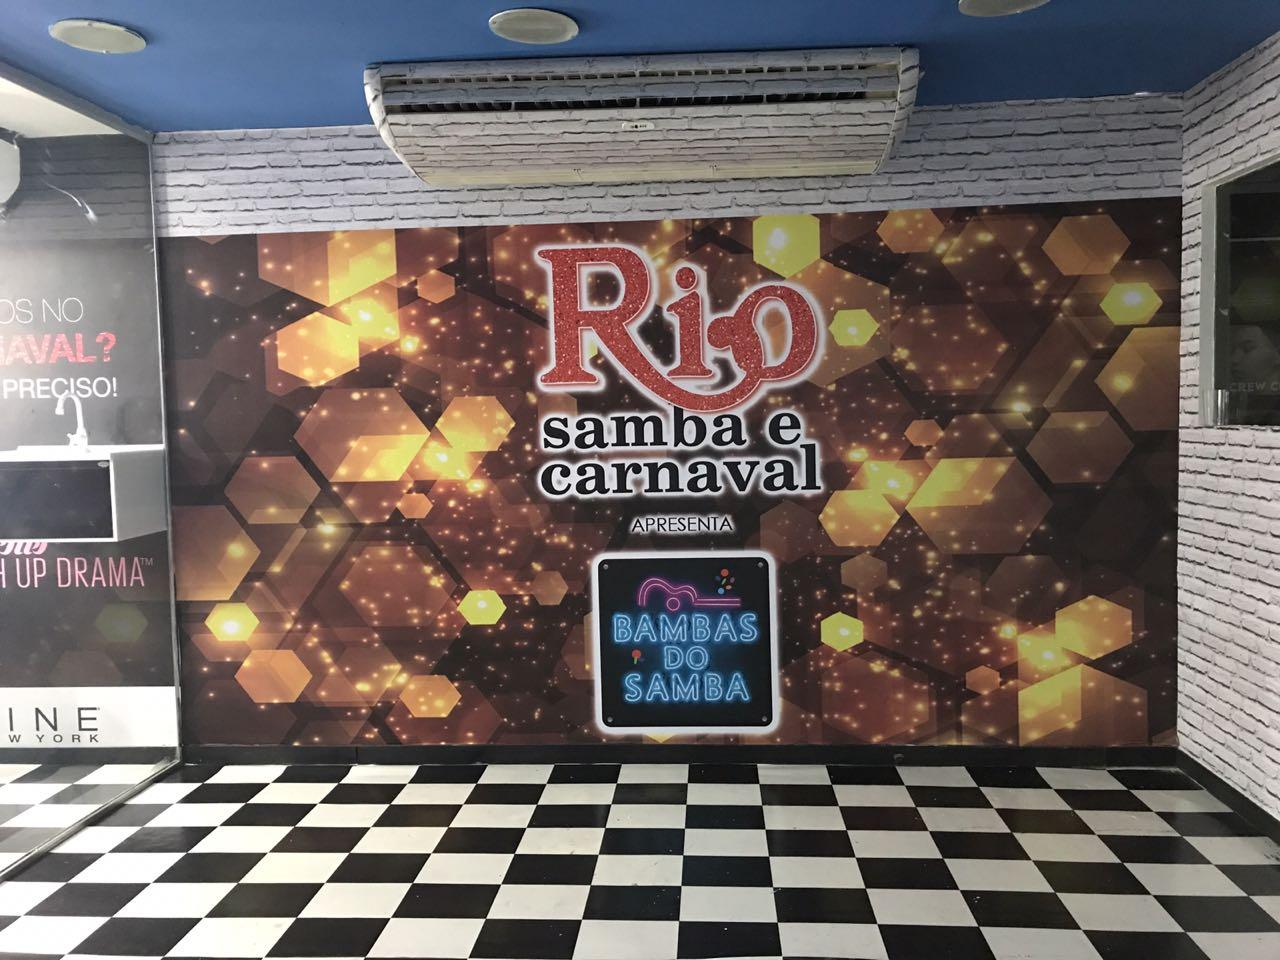 fotos carnaval 2018 camarote rio samba c